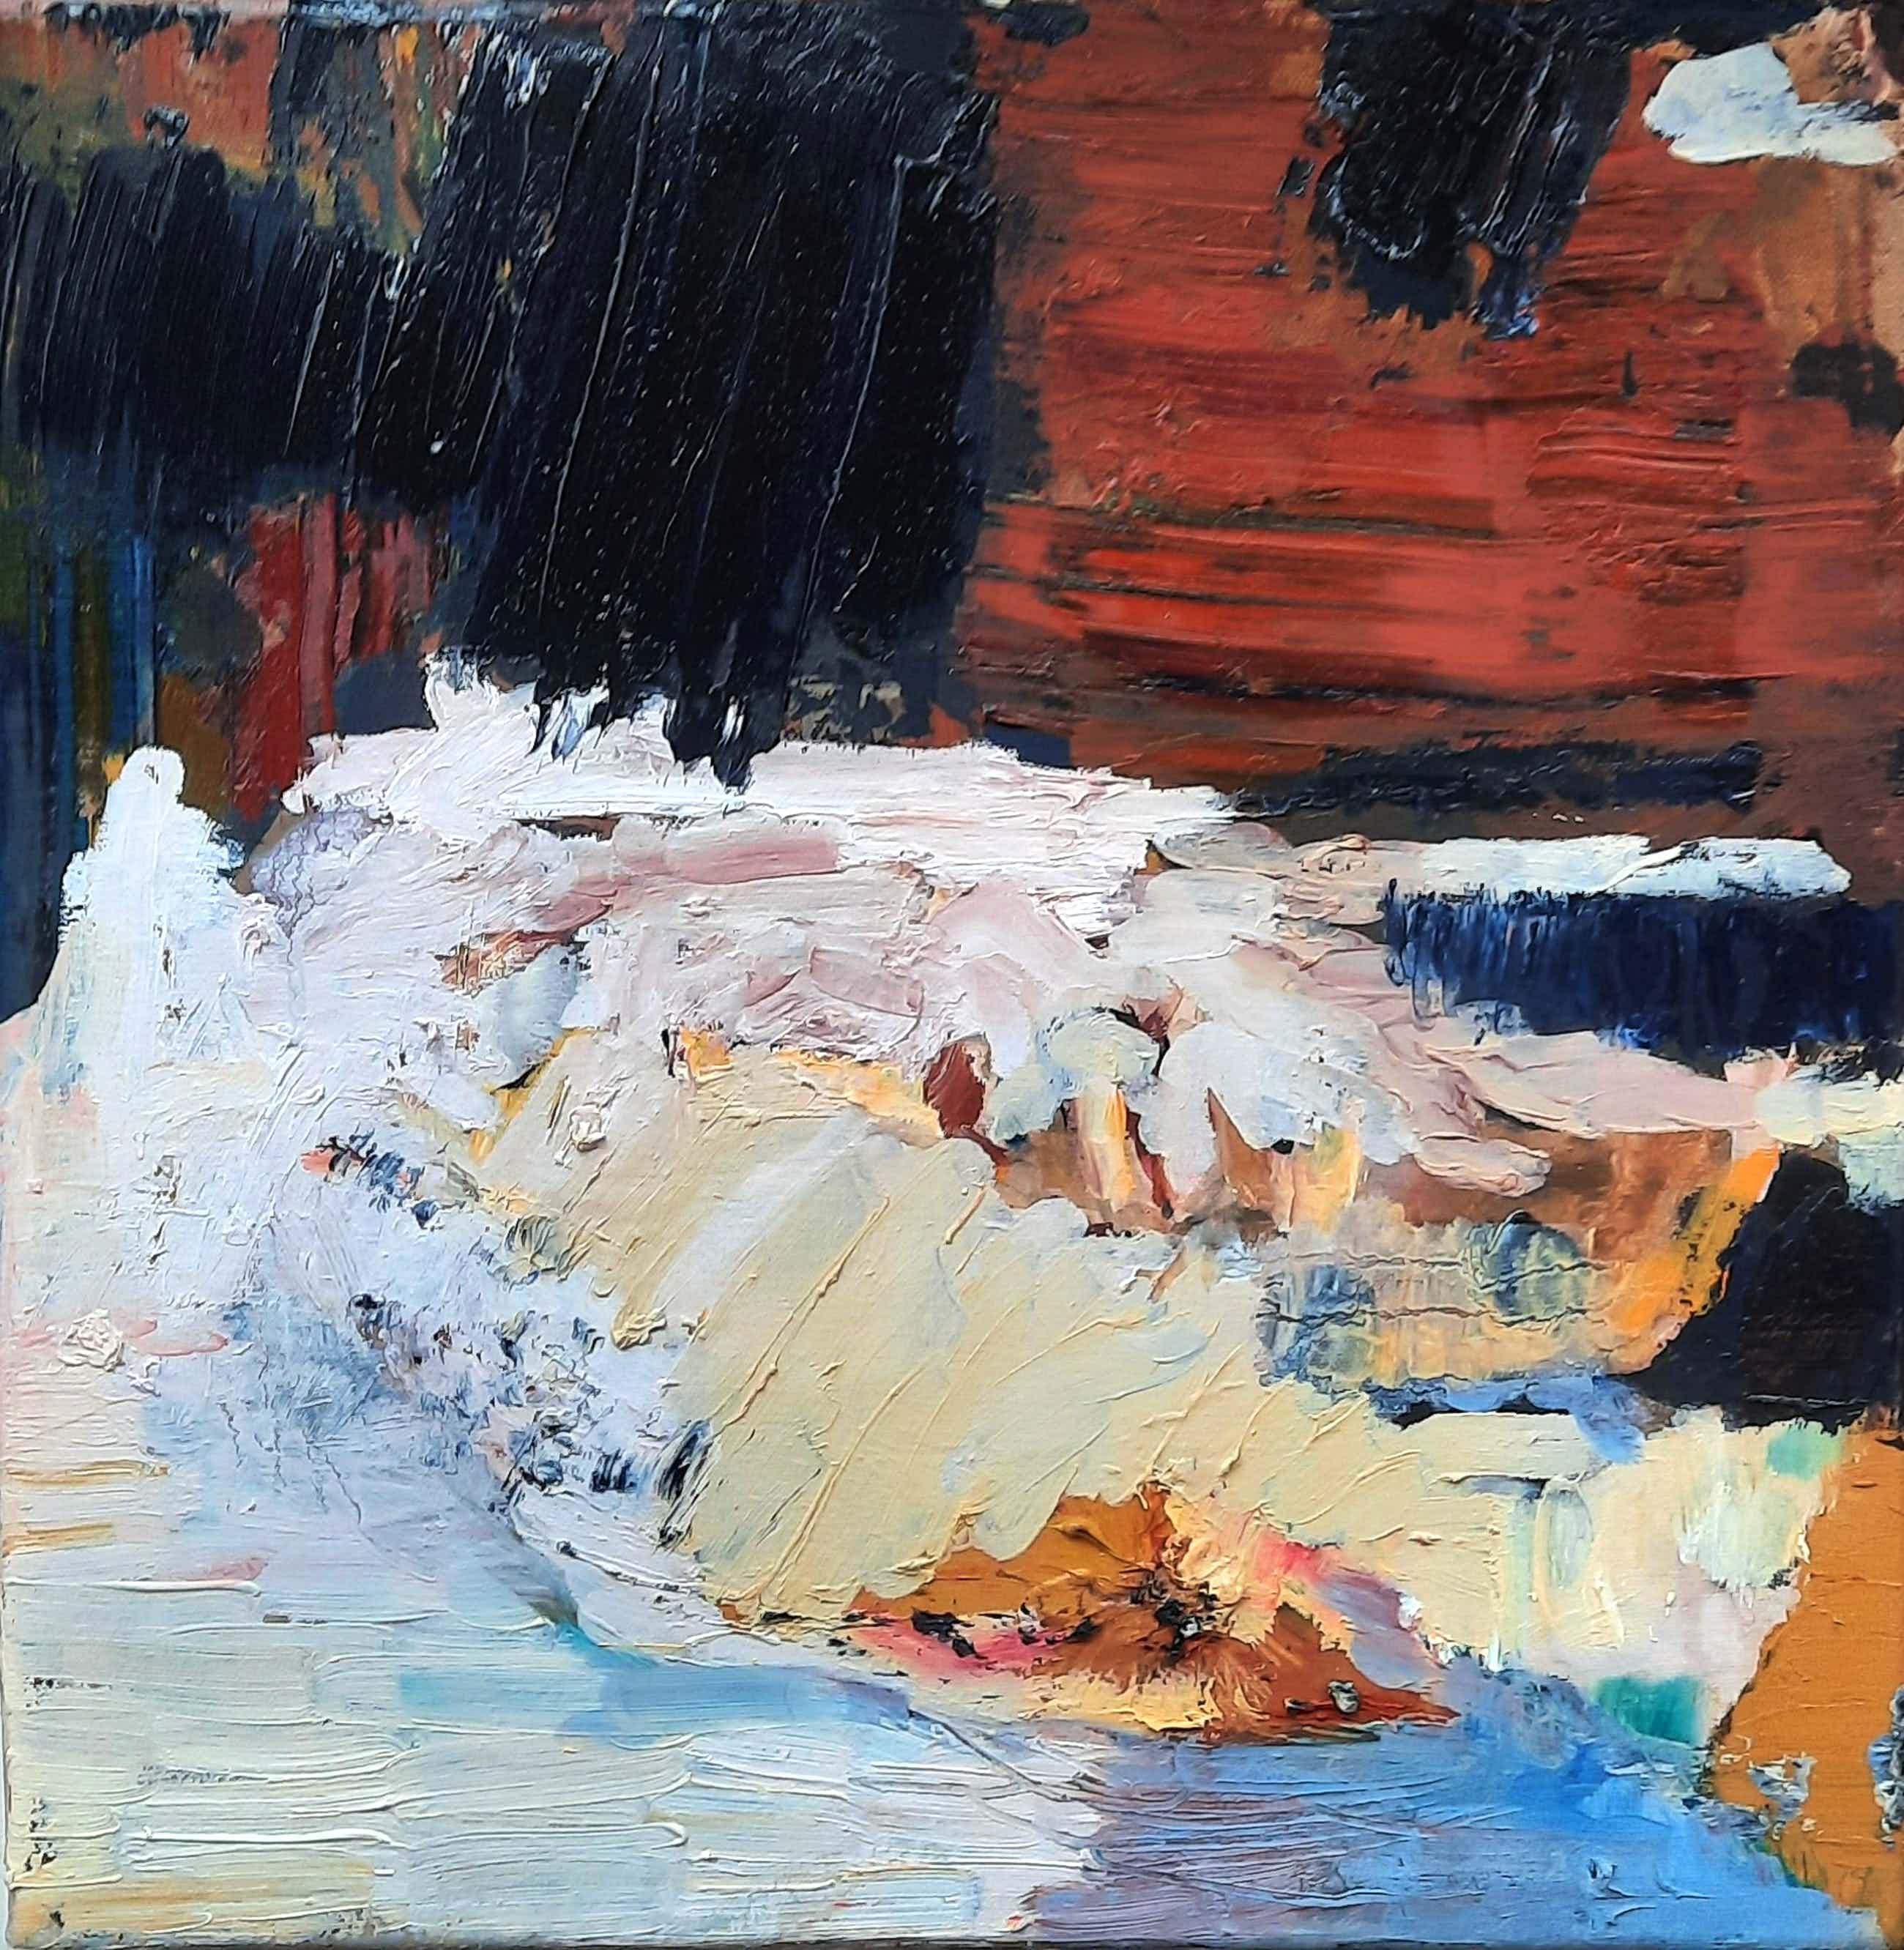 Irene van den Bos - Abstract Landscape kopen? Bied vanaf 75!